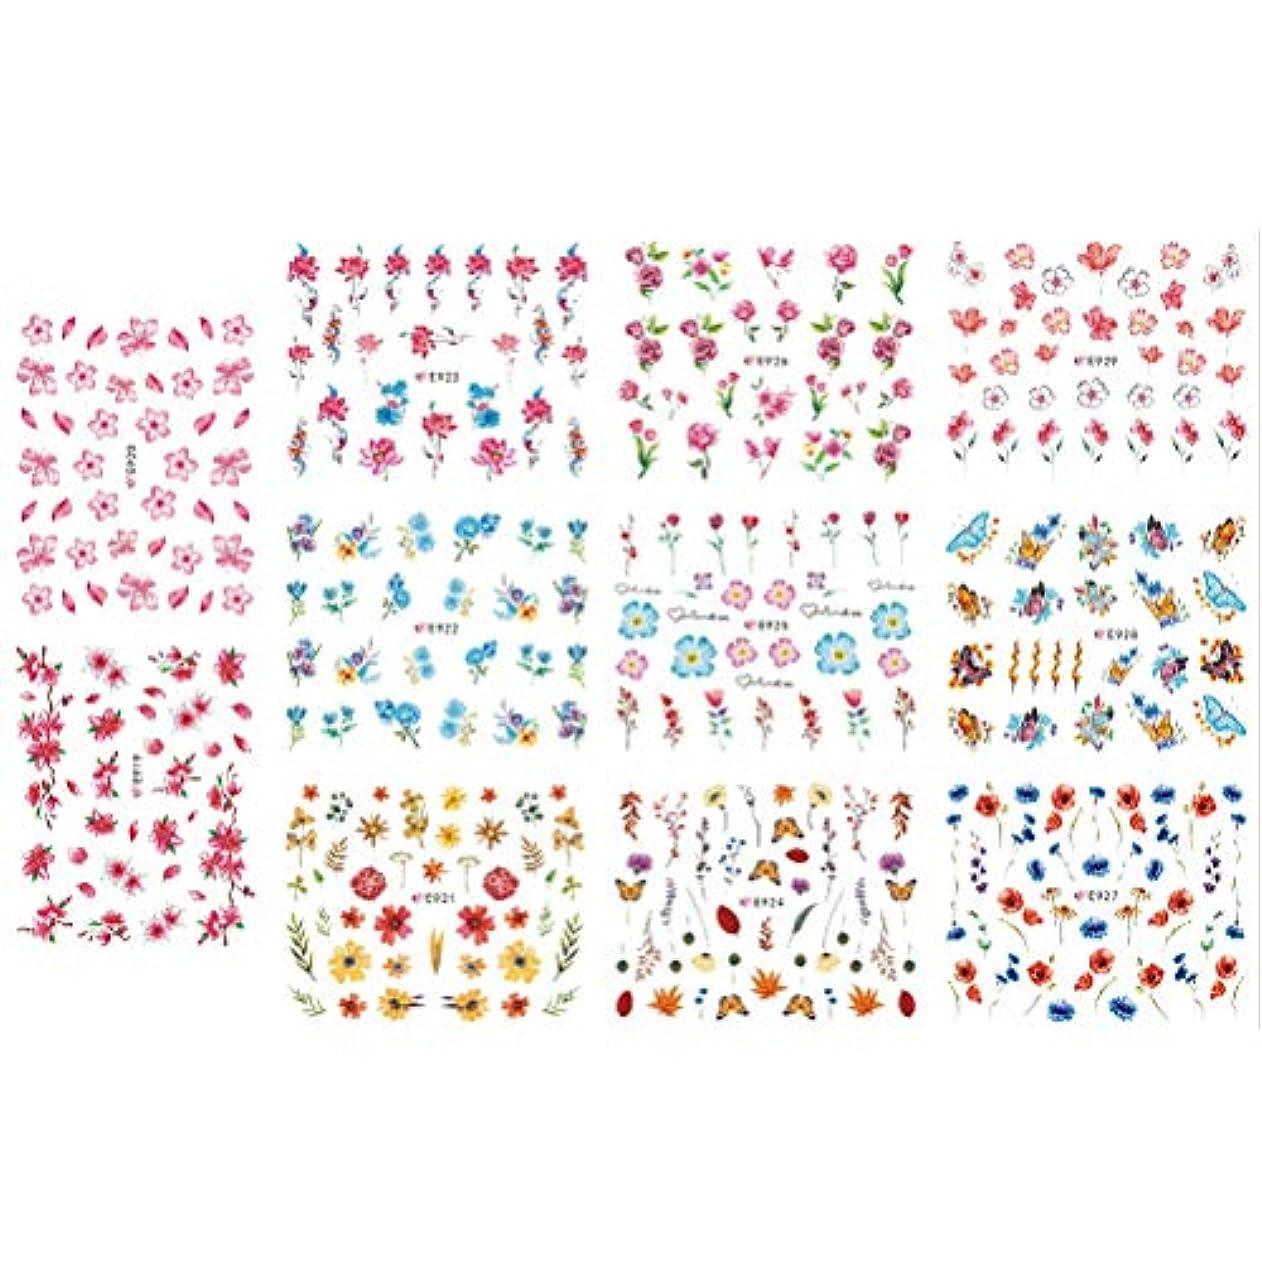 ブランド名エイリアスインレイFrcolor ネイルシール 花 3D ネイルステッカー ネイルホイル ネイルアートシール 爪に貼るだけ マニキュア 11枚セット(混合パターン)